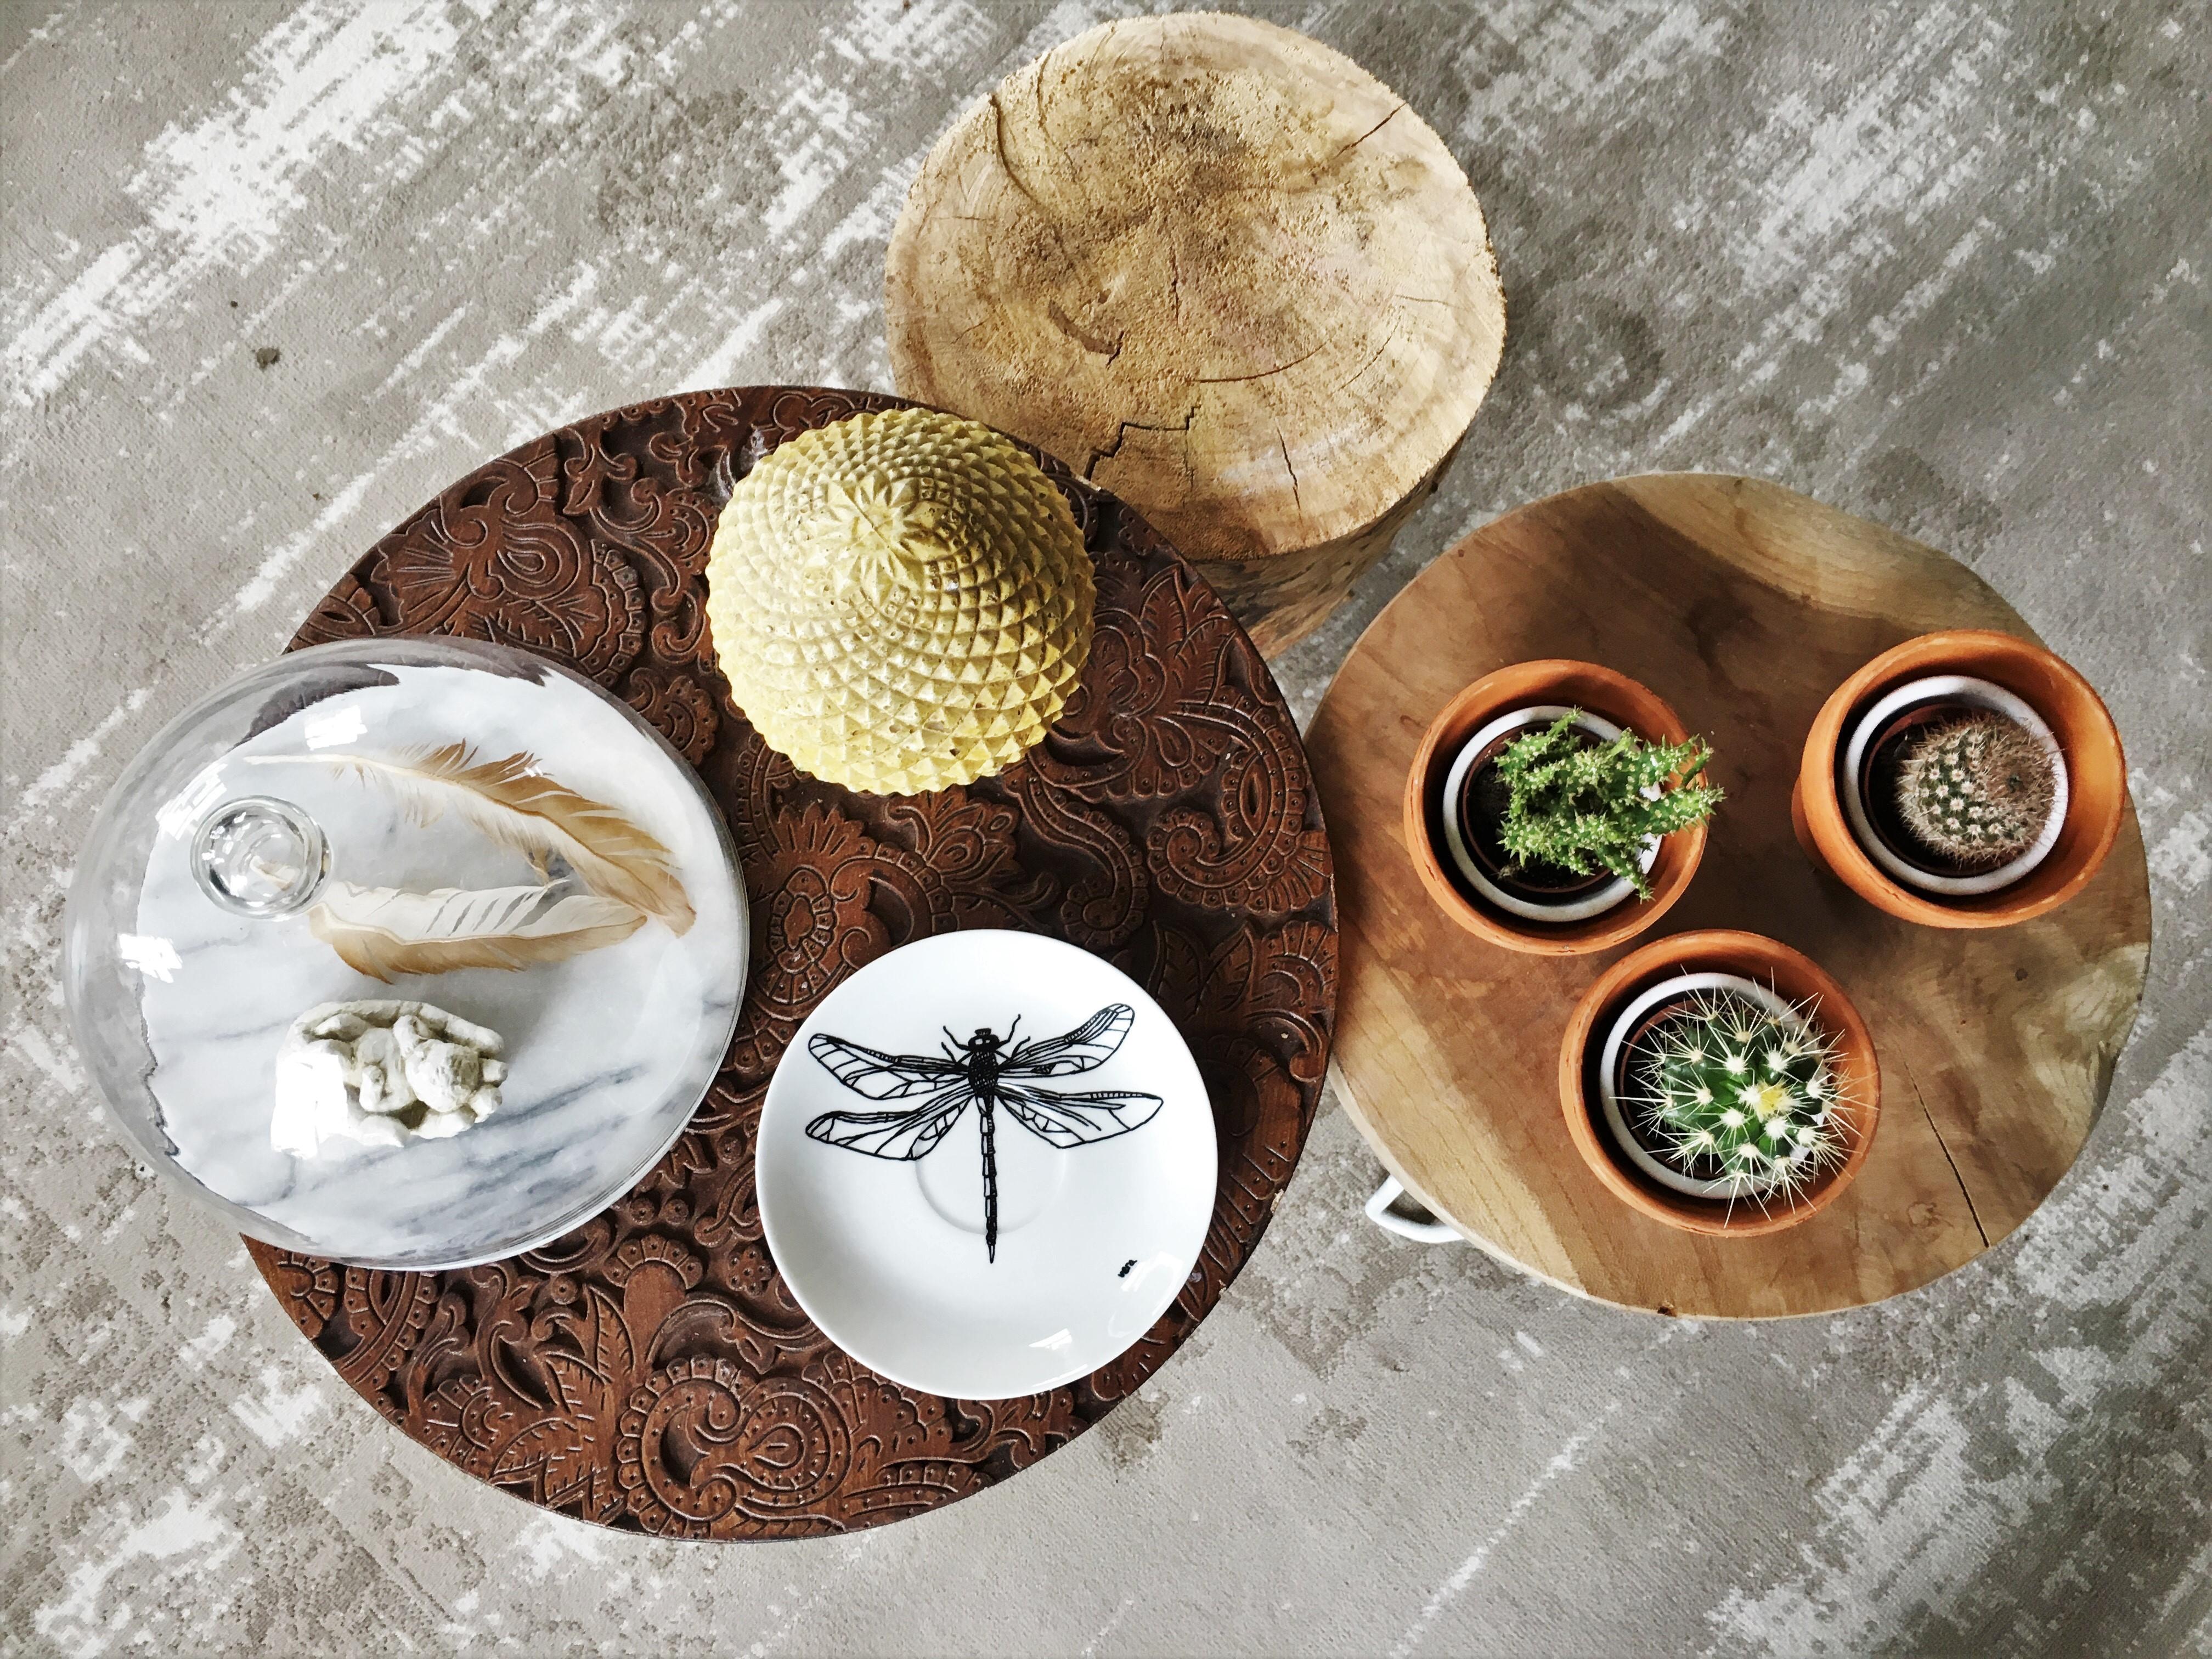 bordjesaandemuur diy interieur inspiratie blog puur styling